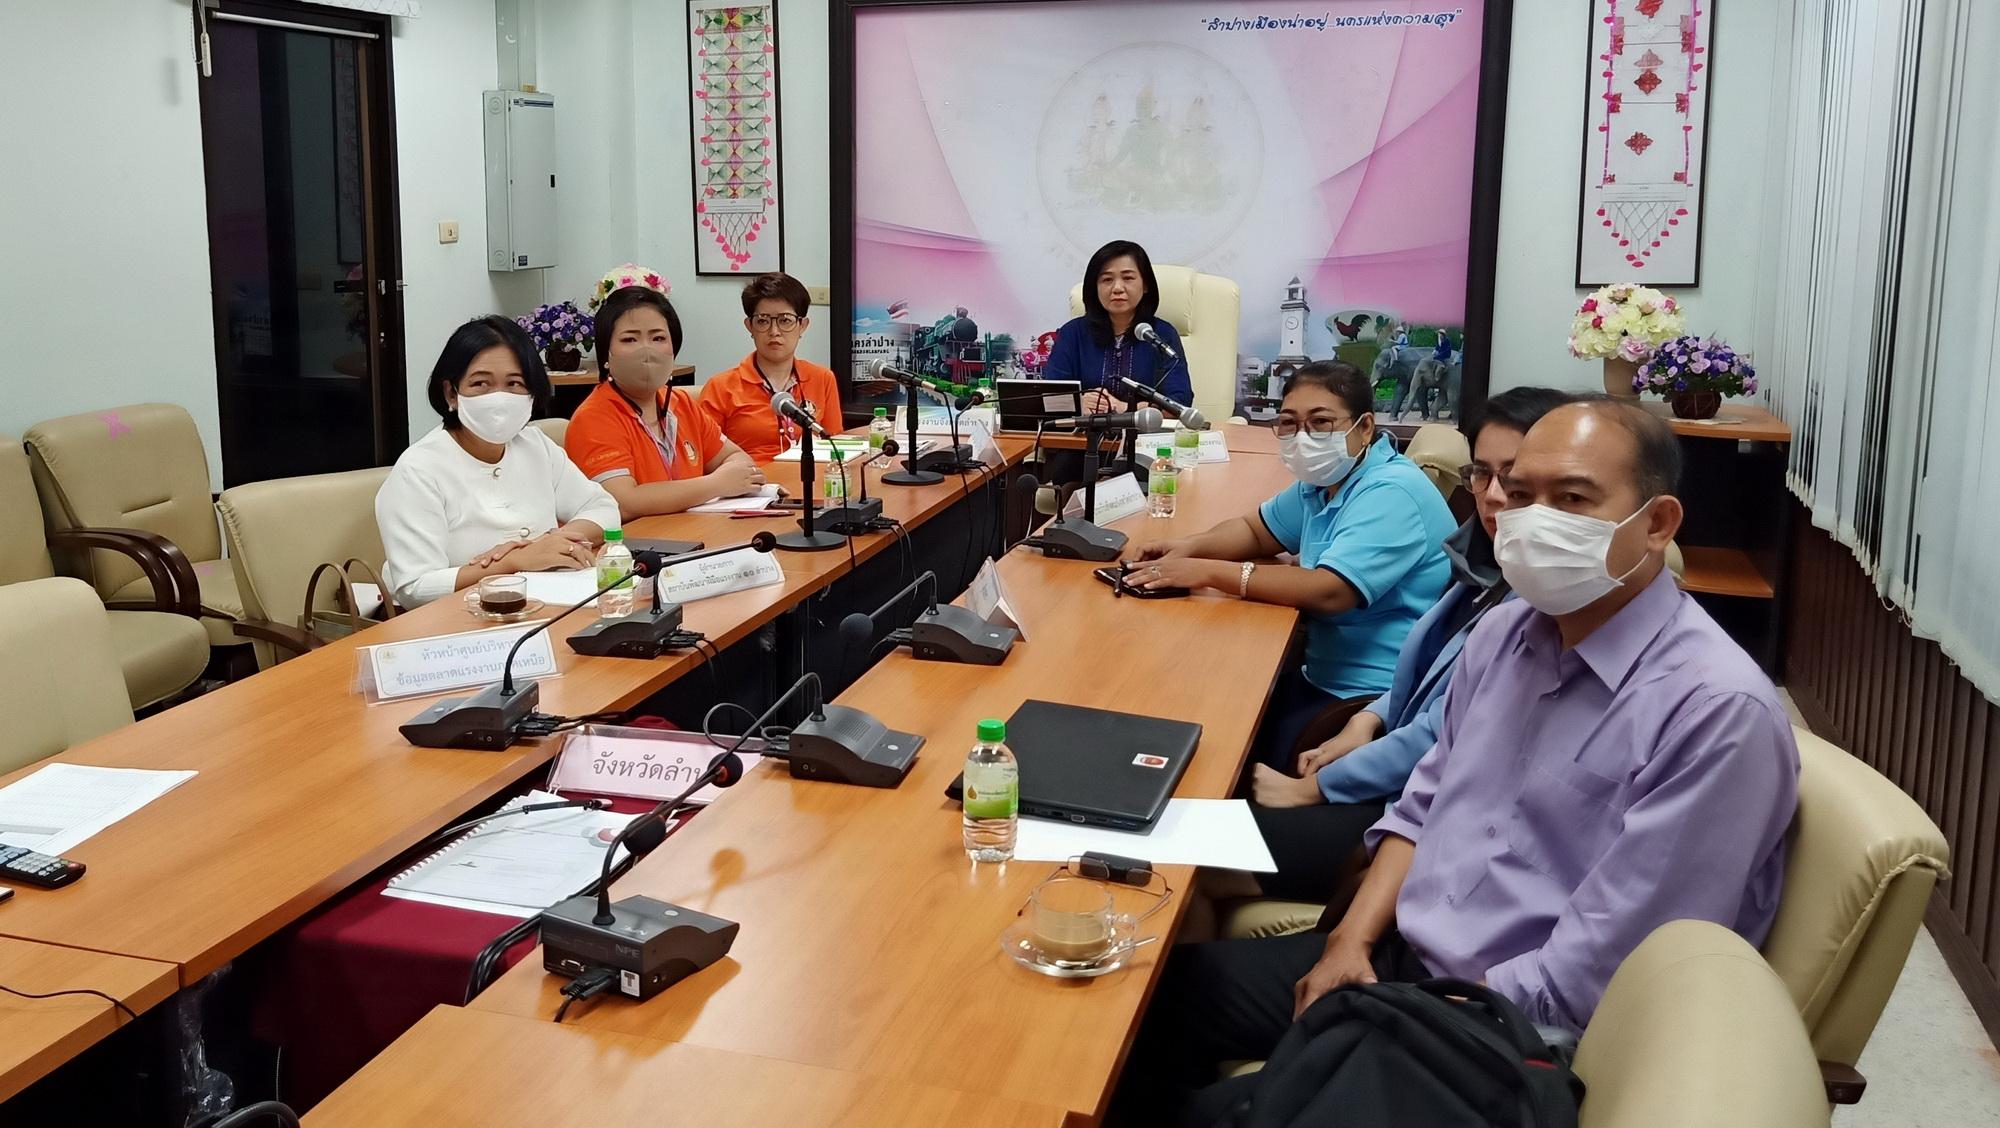 สำนักงานแรงงานจังหวัดลำปางร่วมประชุมผ่านระบบทางไกลประชาสัมพันธ์งาน JOB EXPO THAILAND 2020